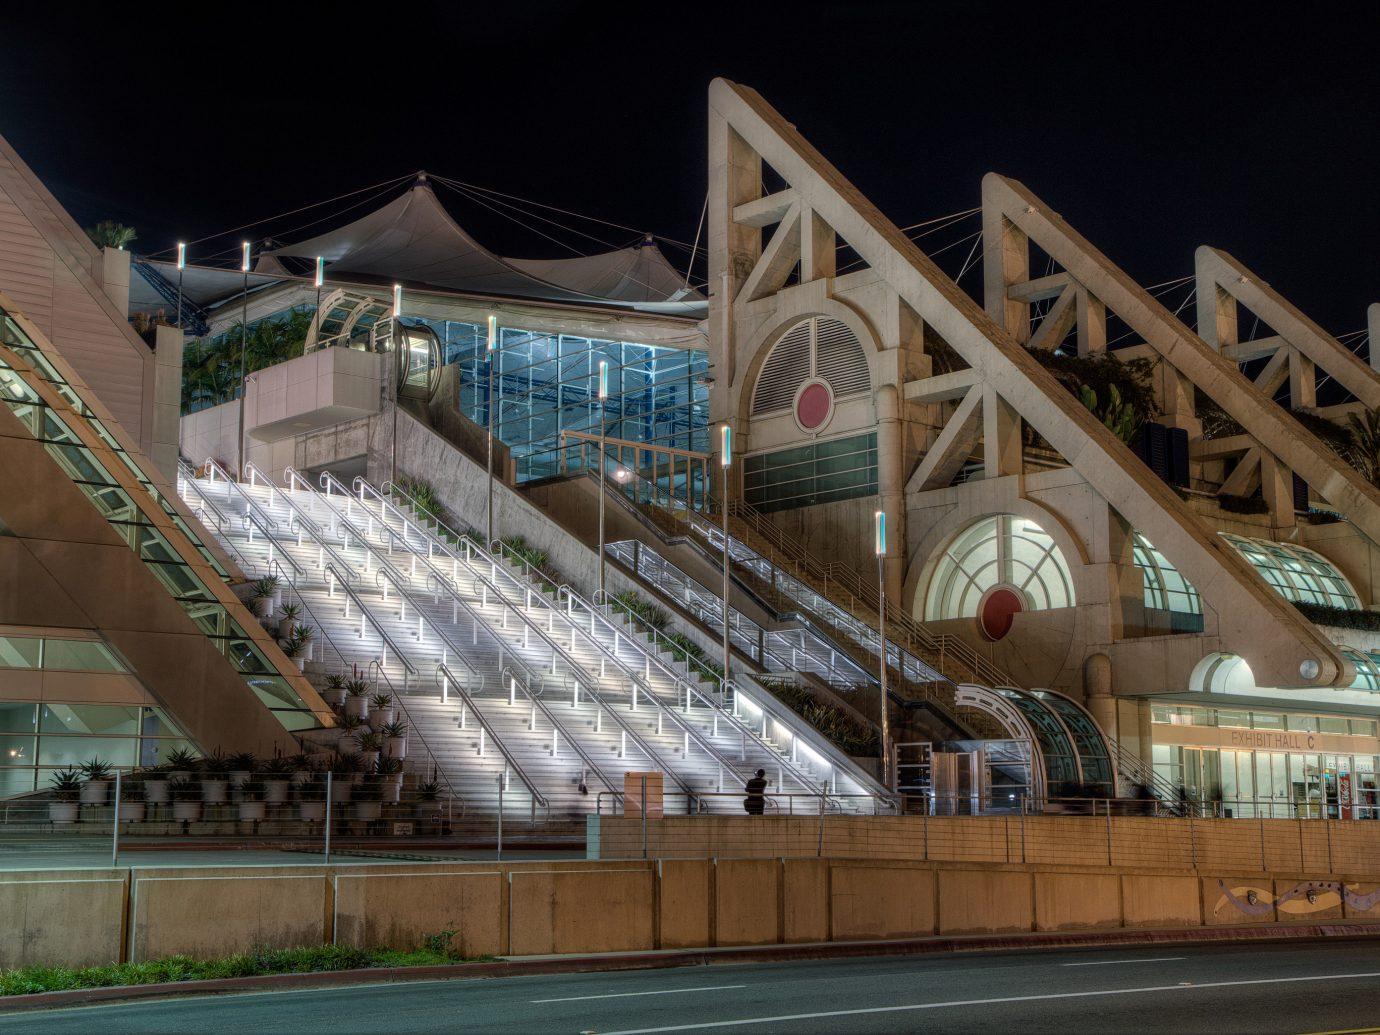 Trip Ideas building structure landmark Architecture sport venue stadium arena